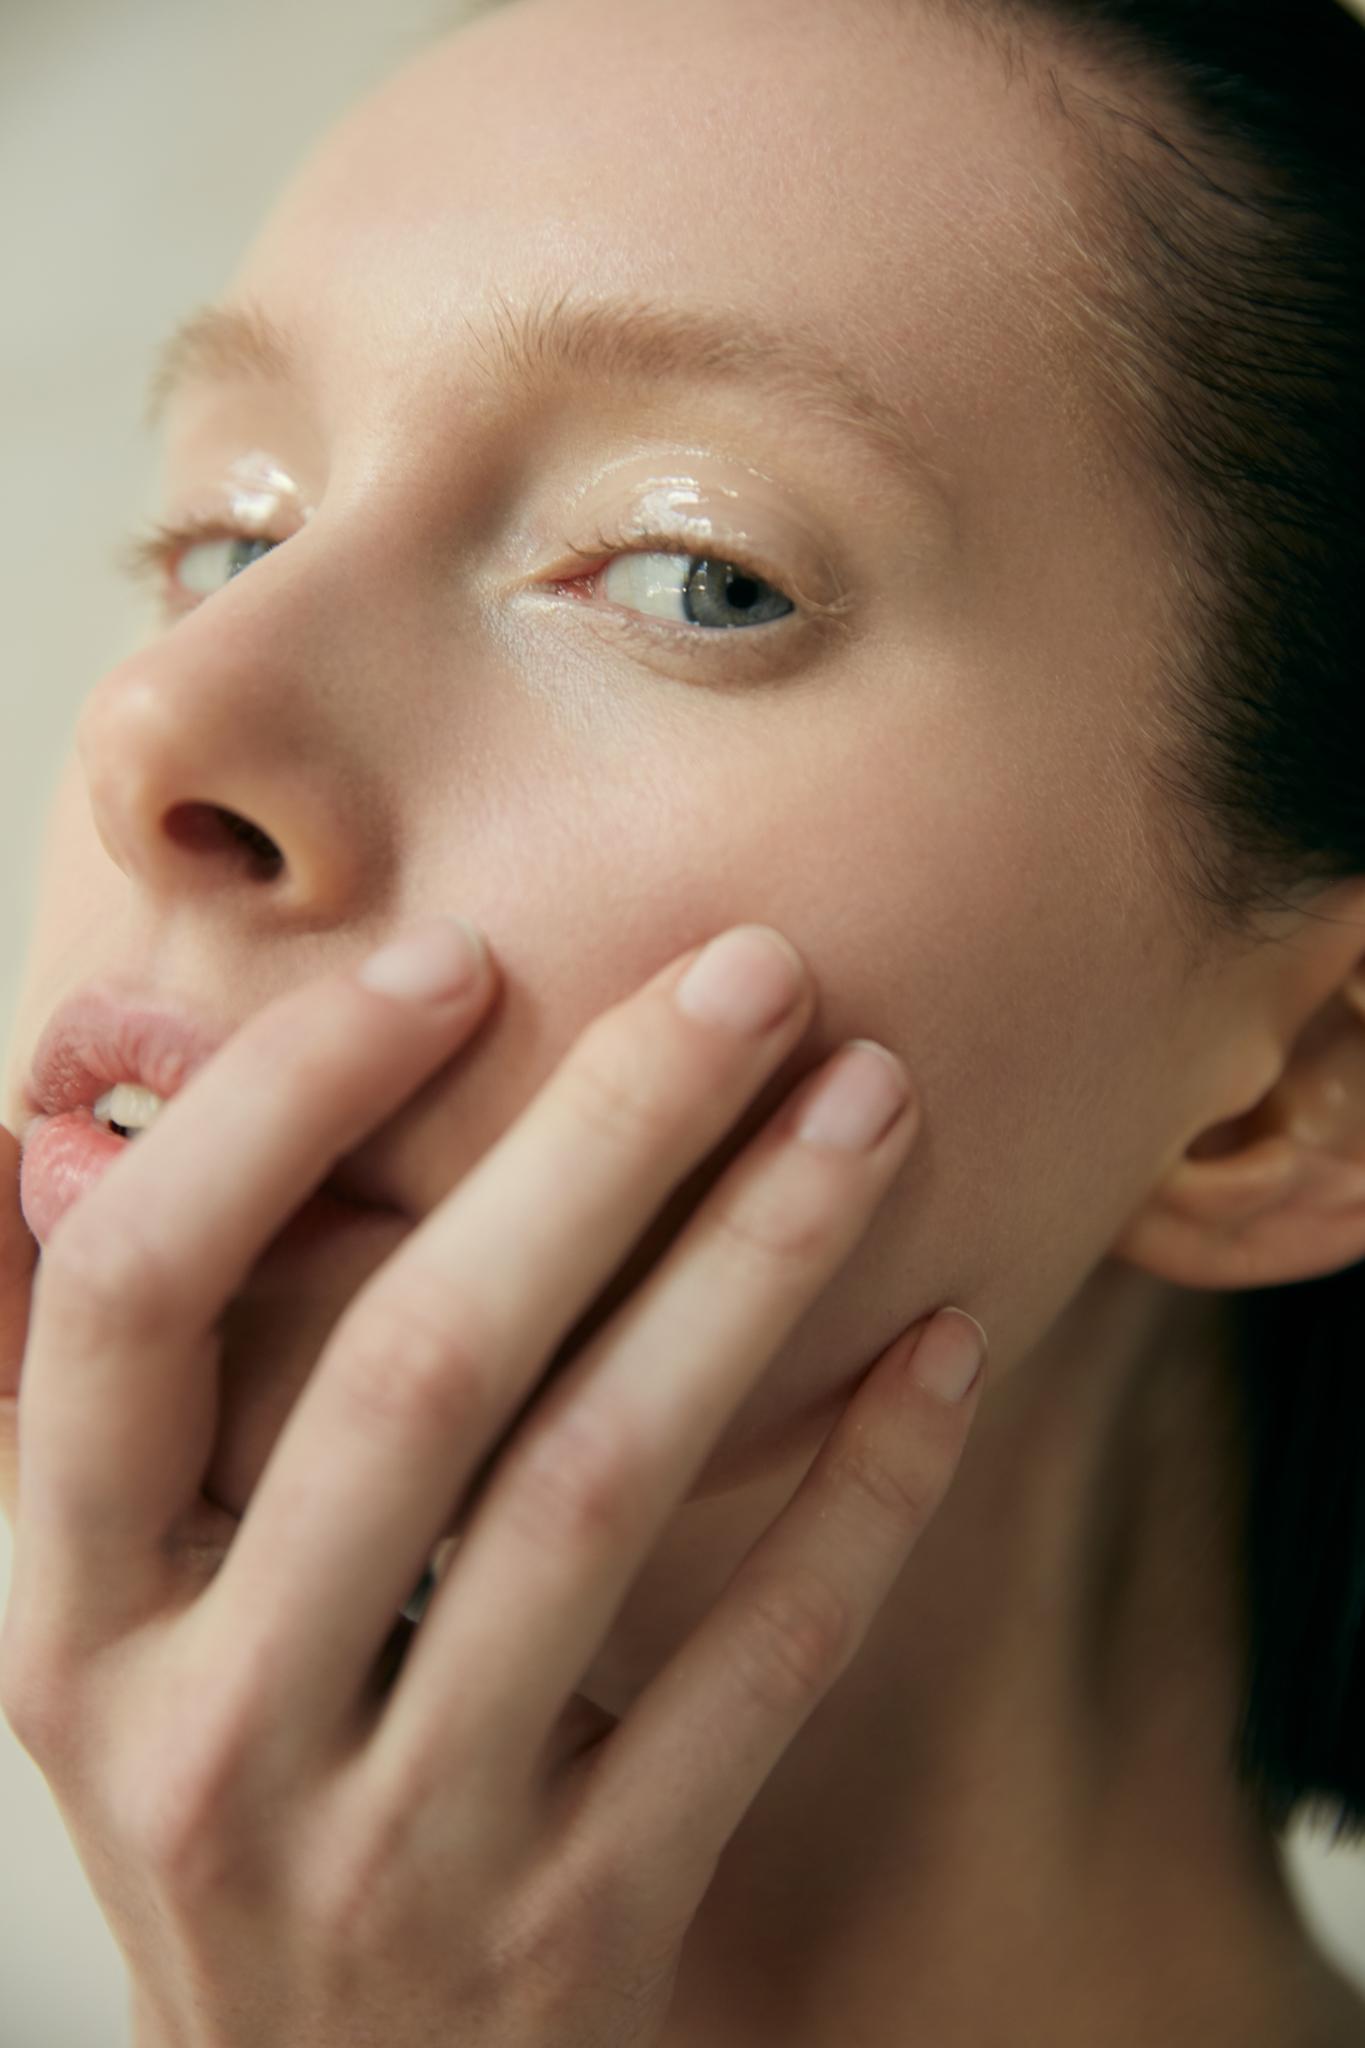 Marina Murasheva_beauty editorial_no goodbyes_5.jpg